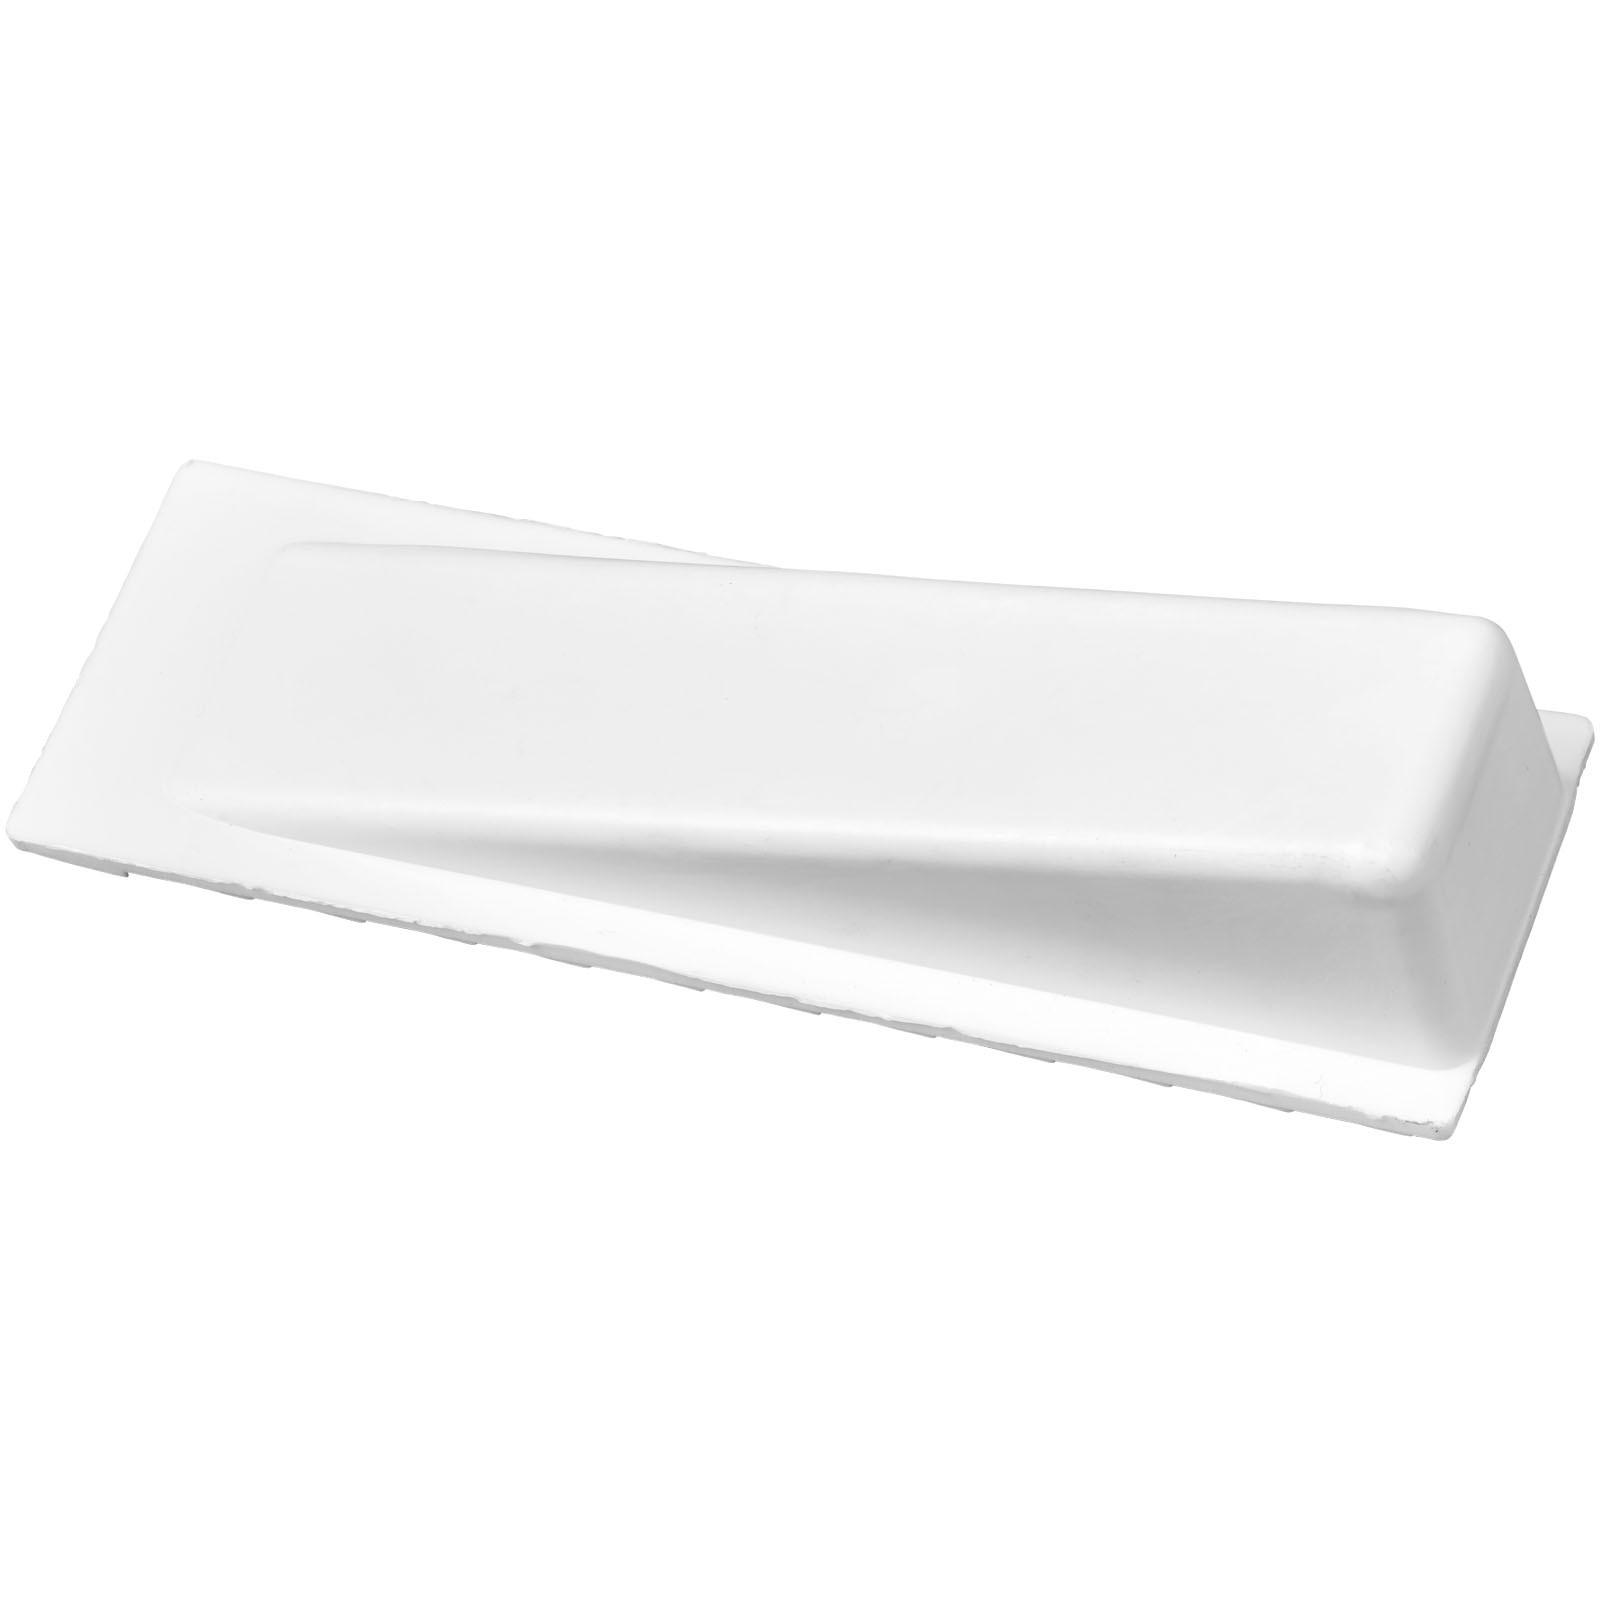 Dana door stop - White